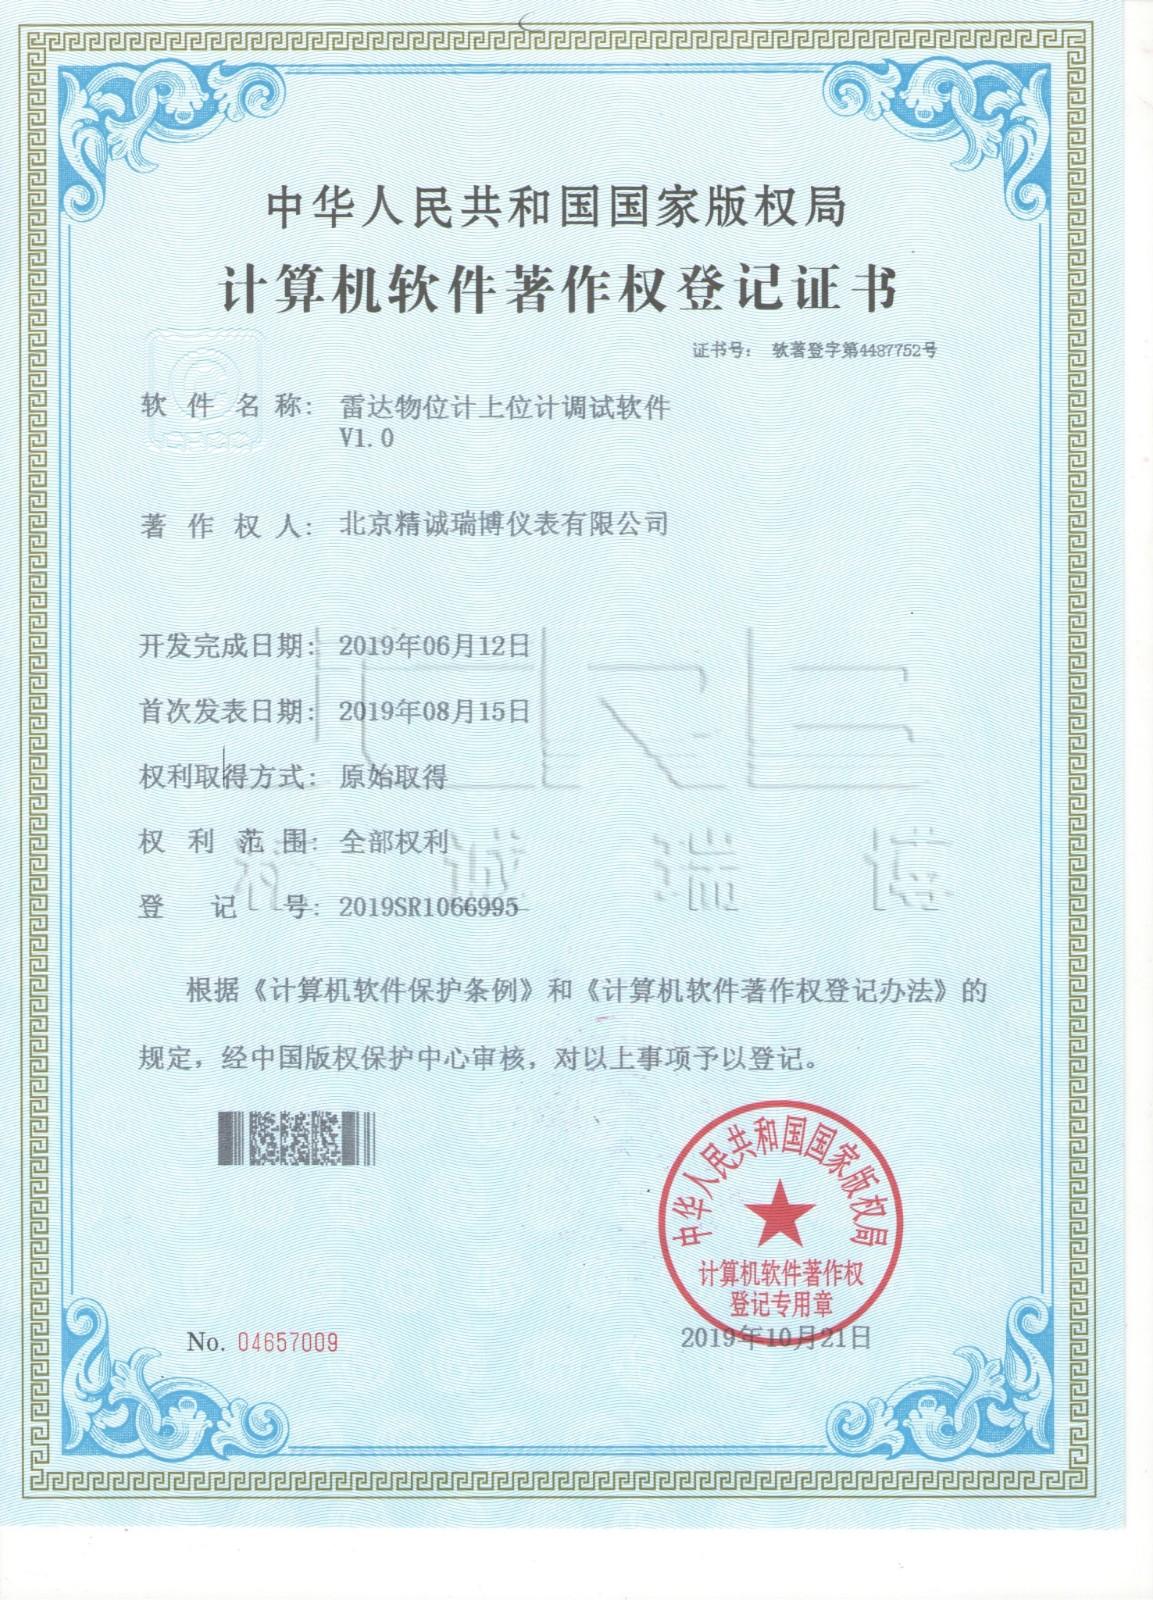 雷达物位计调试软件著作权证书